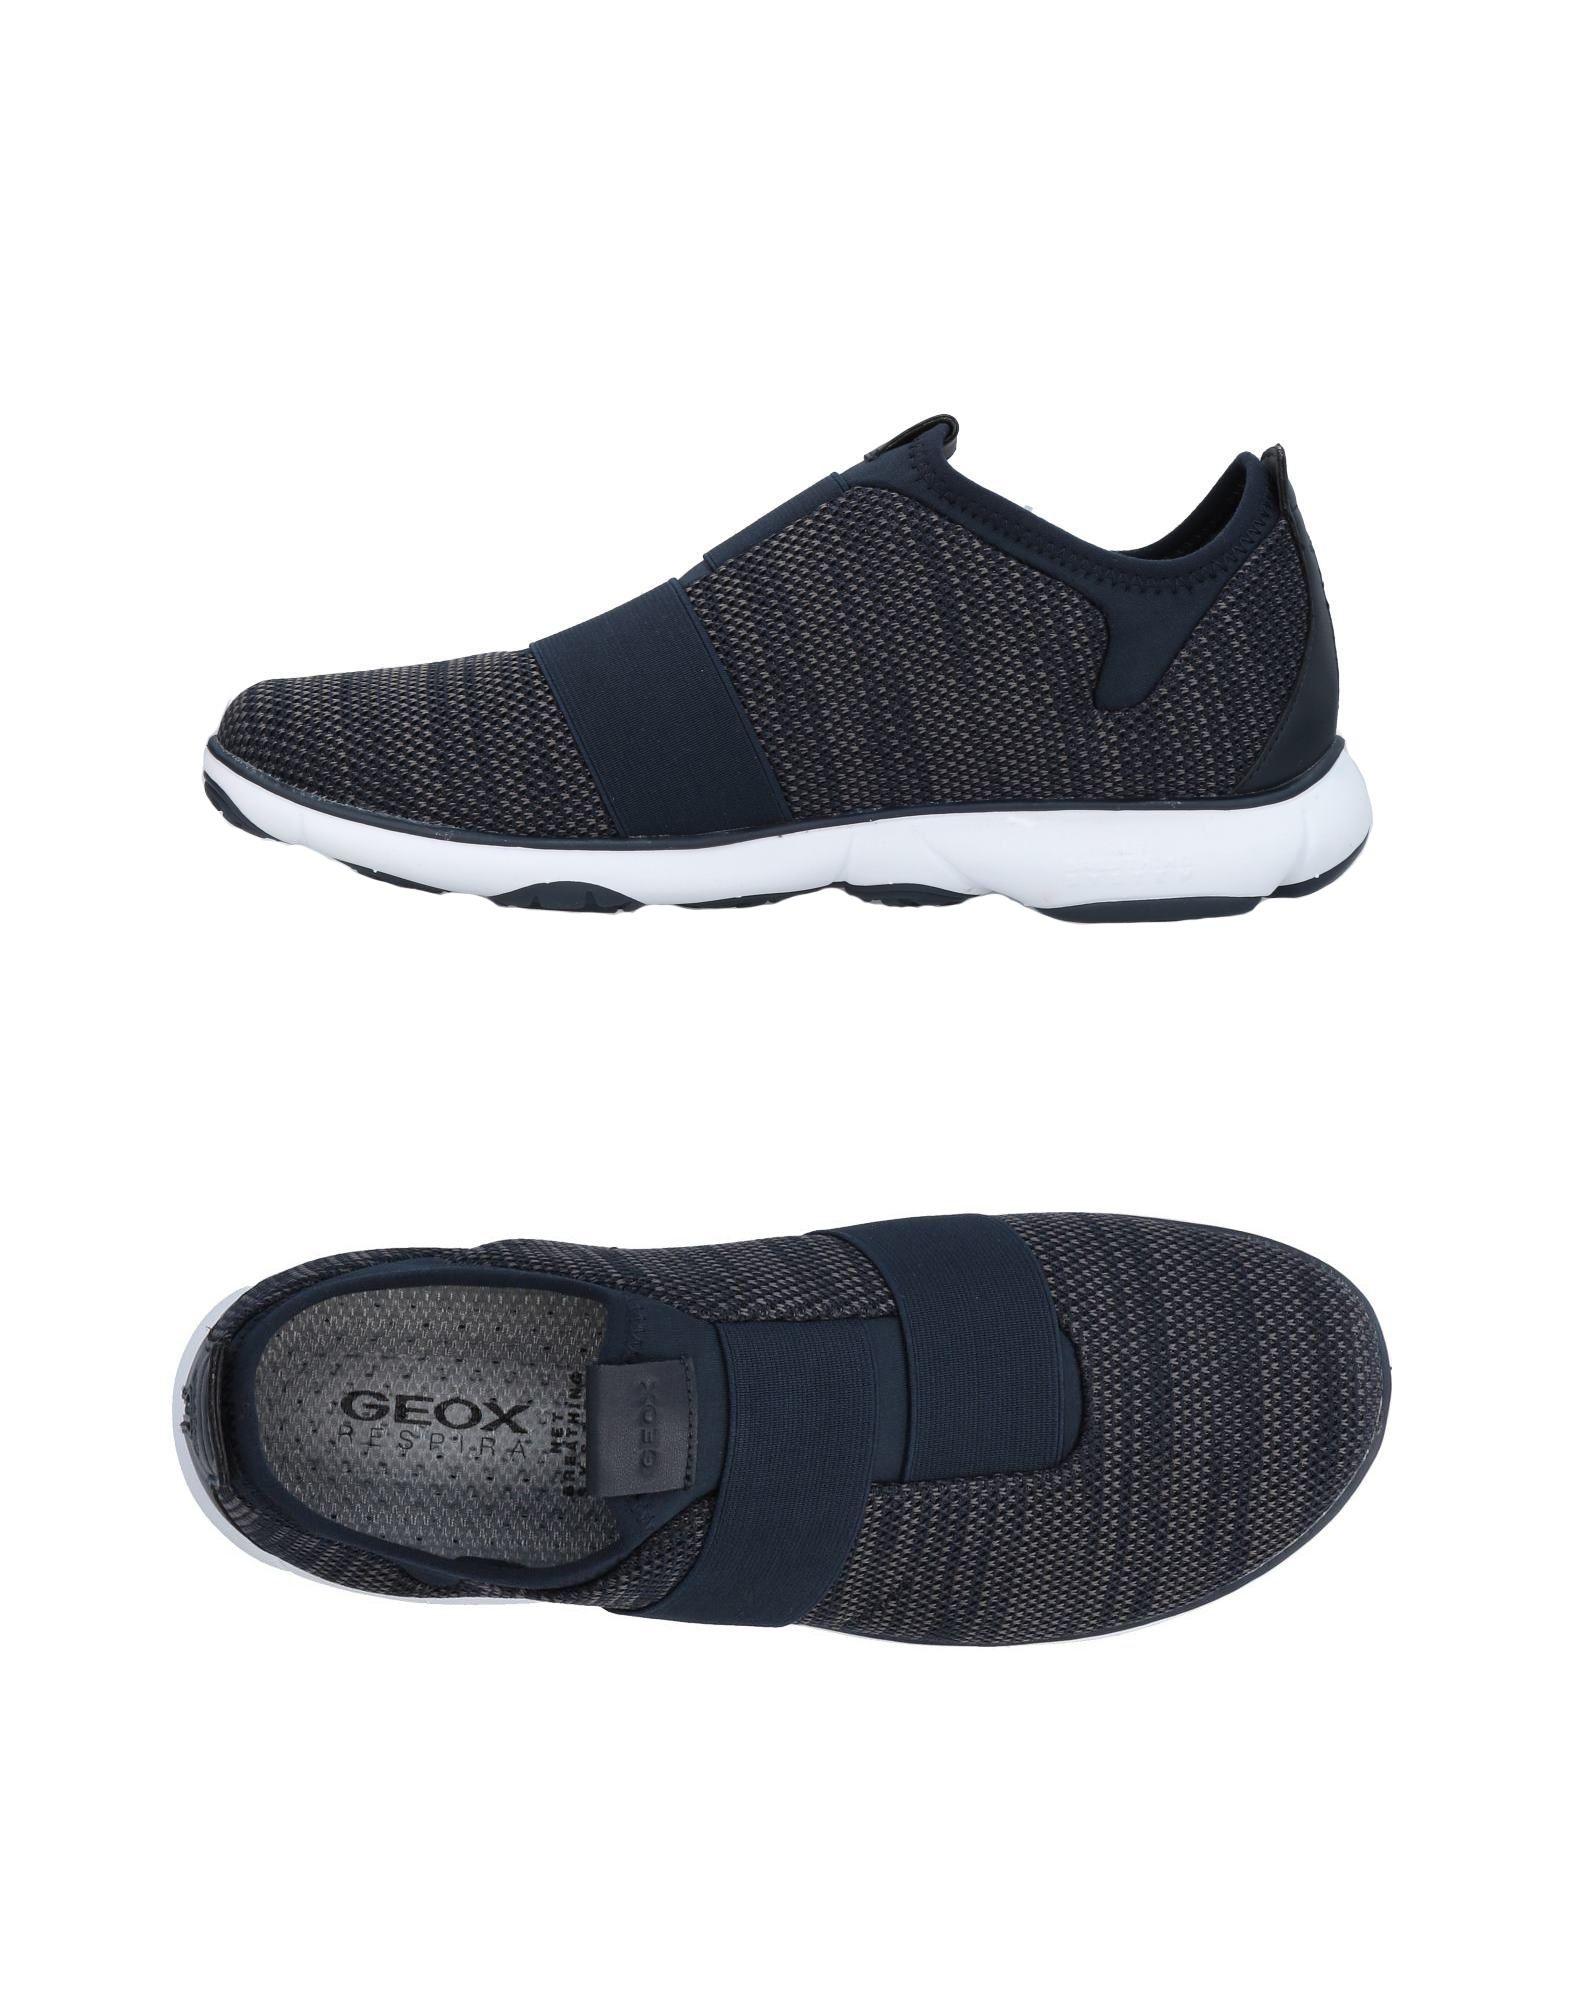 Sneakers Geox Homme - Sneakers Geox  Bleu foncé Nouvelles chaussures pour hommes et femmes, remise limitée dans le temps